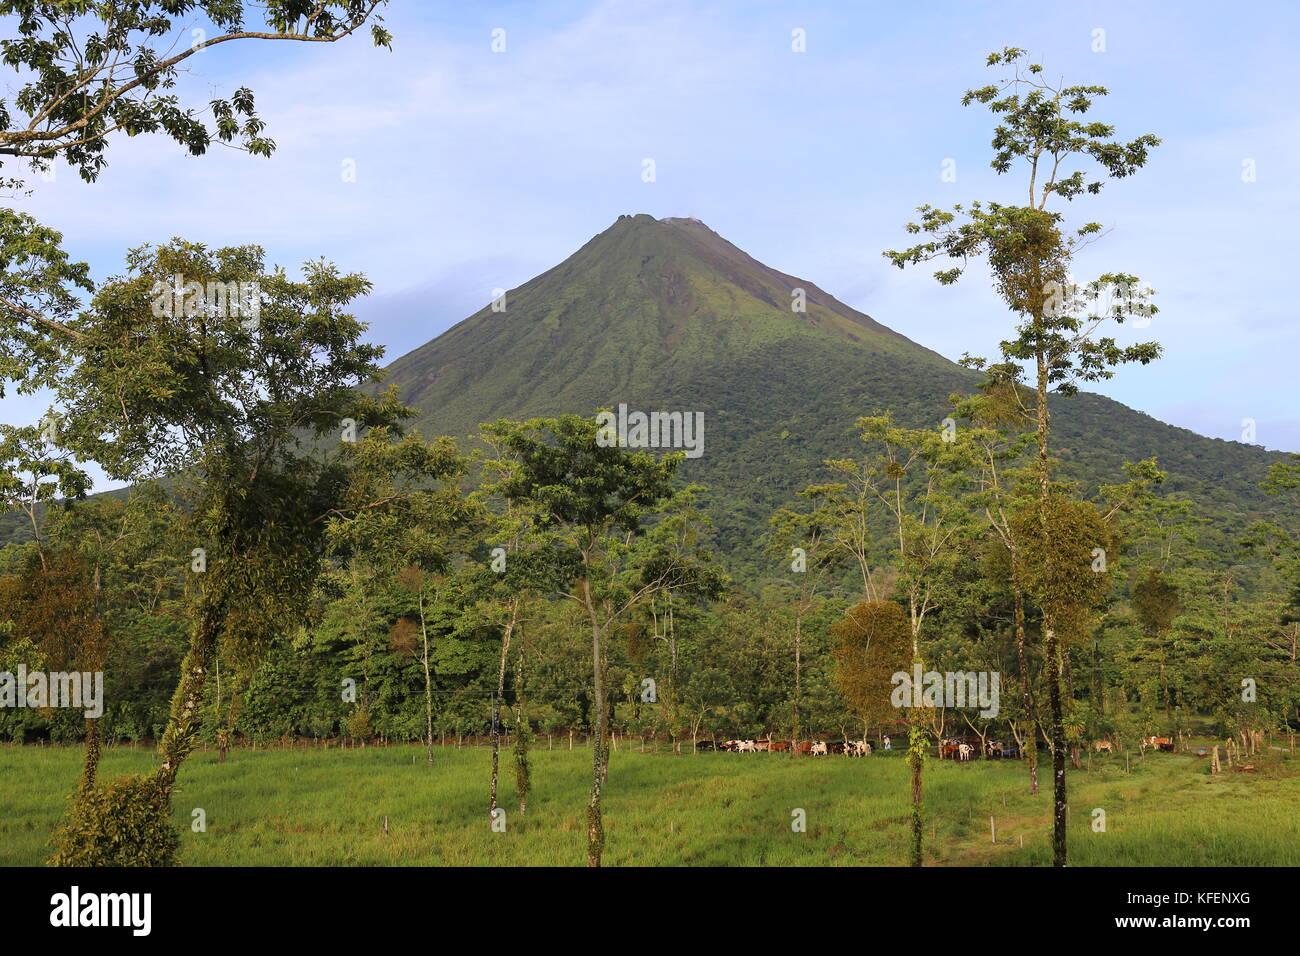 Arenal volcano, La Fortuna, Alajuela province, Costa Rica, Central America - Stock Image